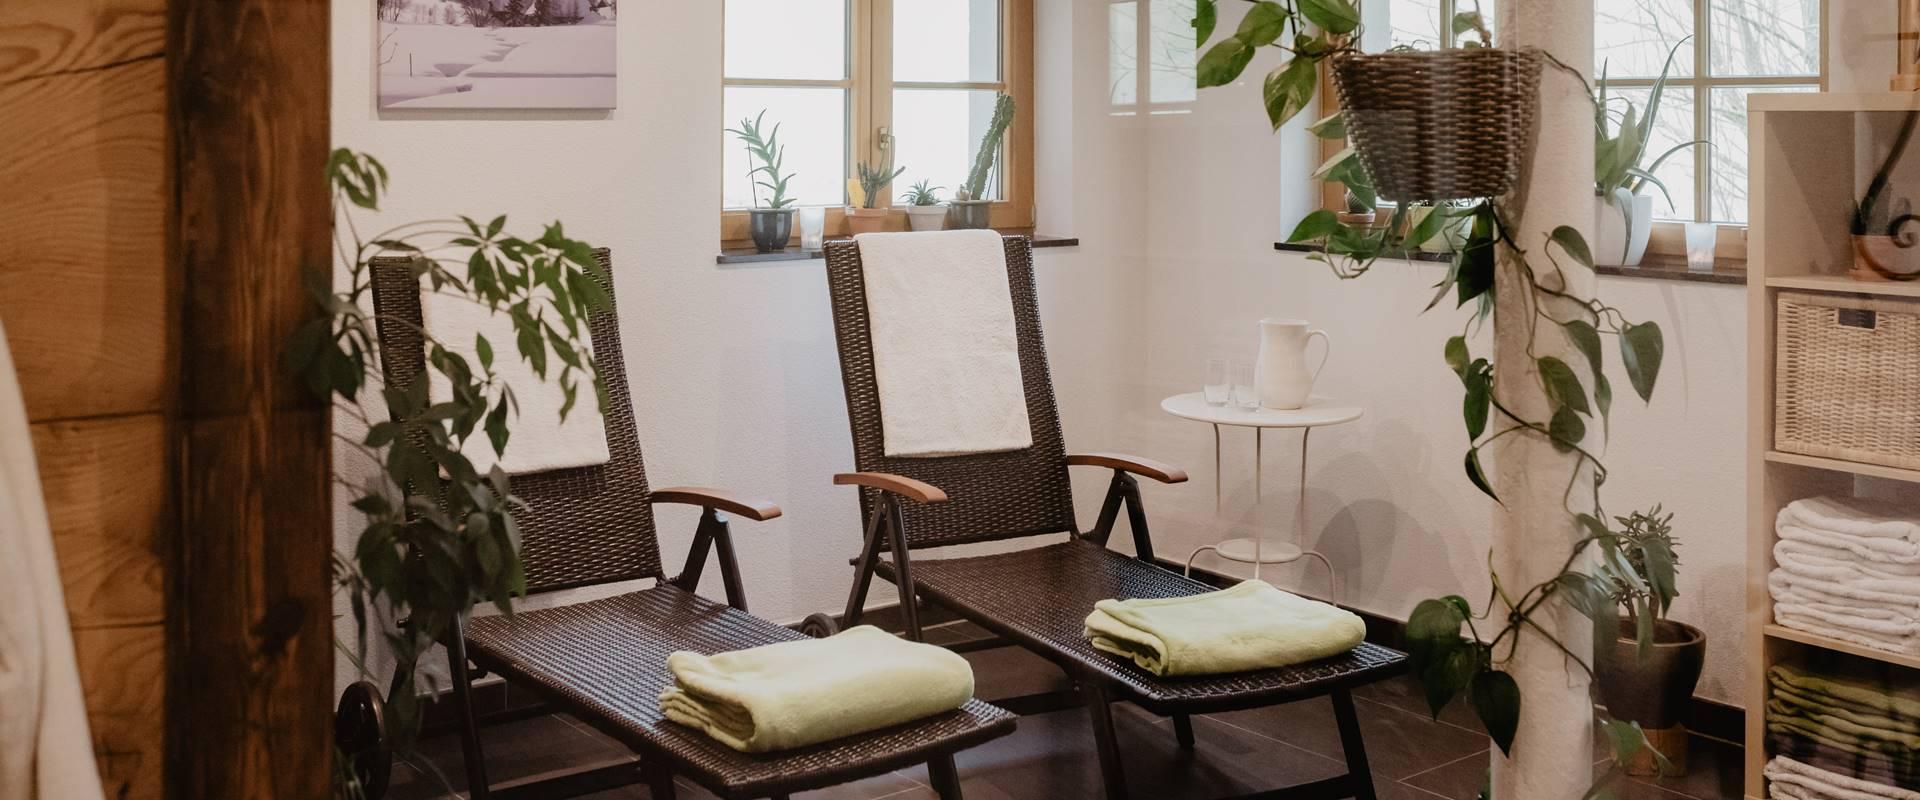 wellness-sauna-duschen-Griesbachhof-Schwarzwald